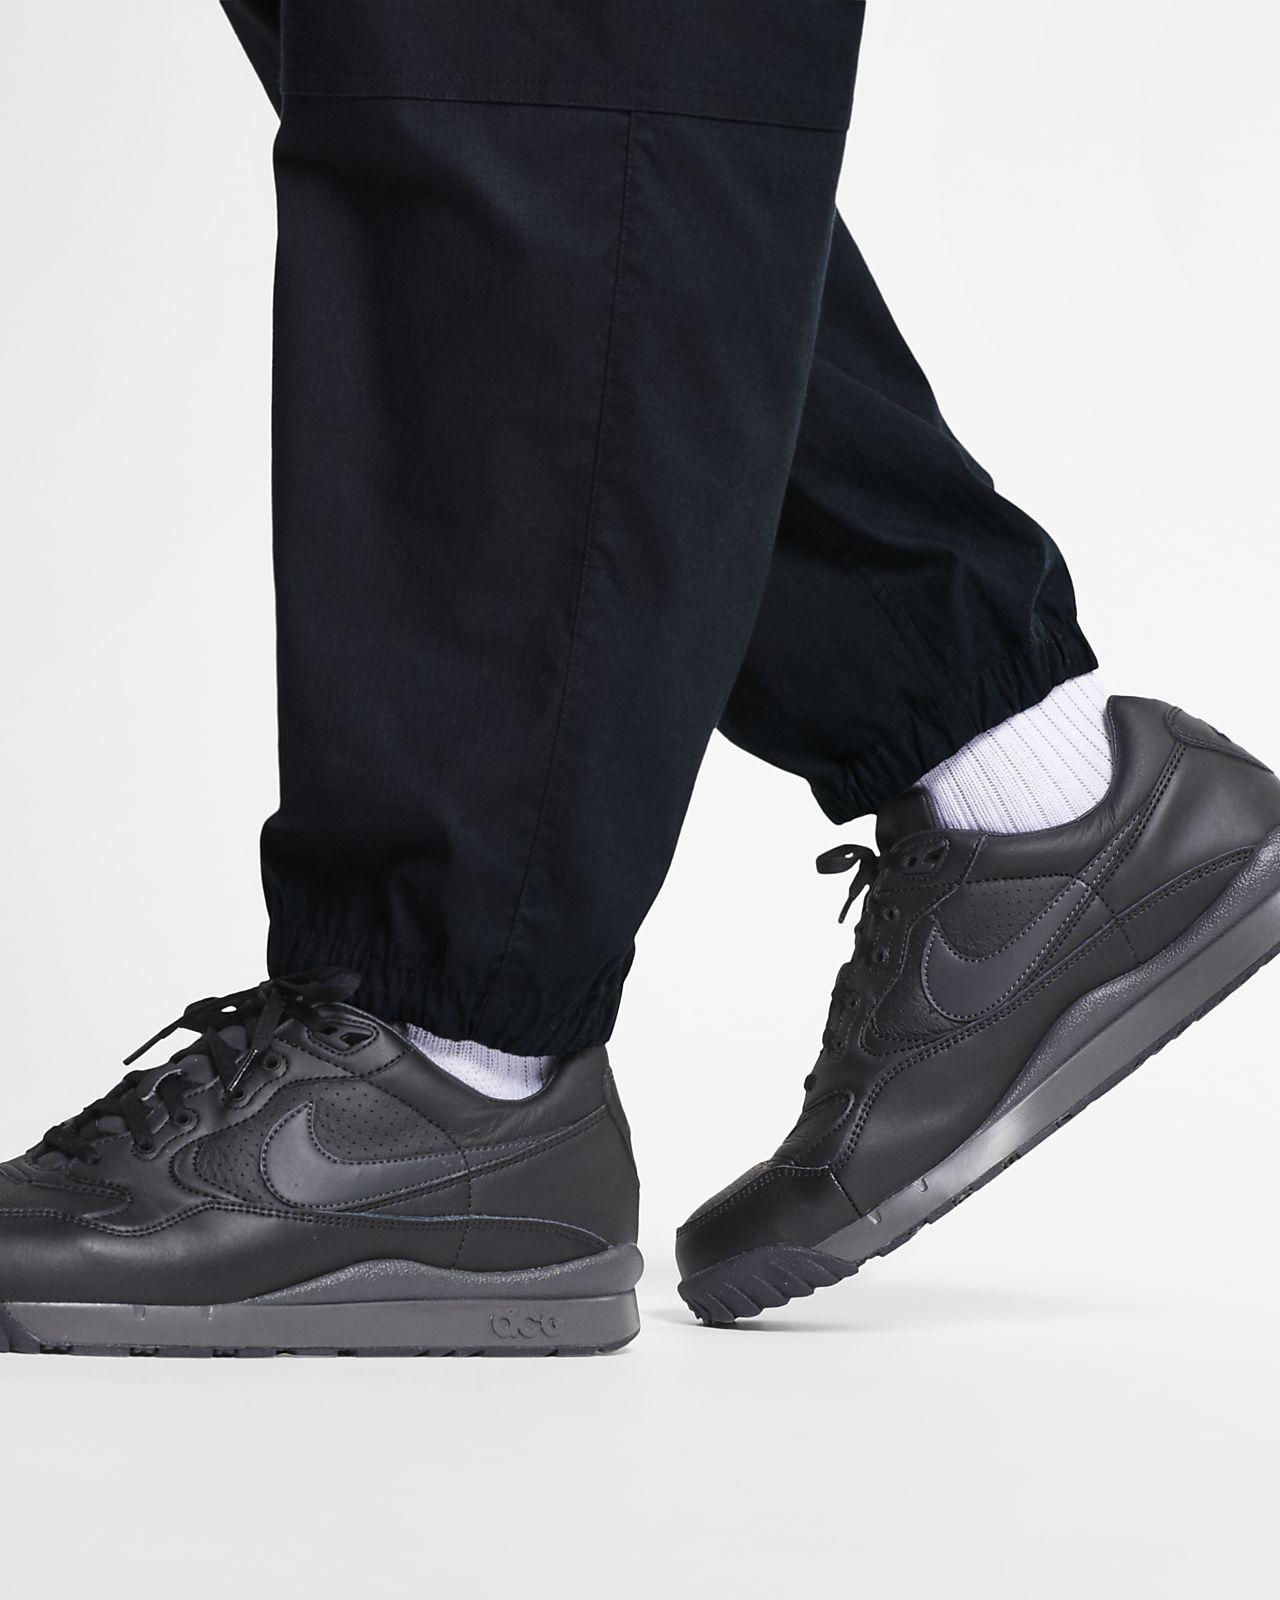 De Pantalon Nike Pour Randonnée Acg Homme nOkw80PX